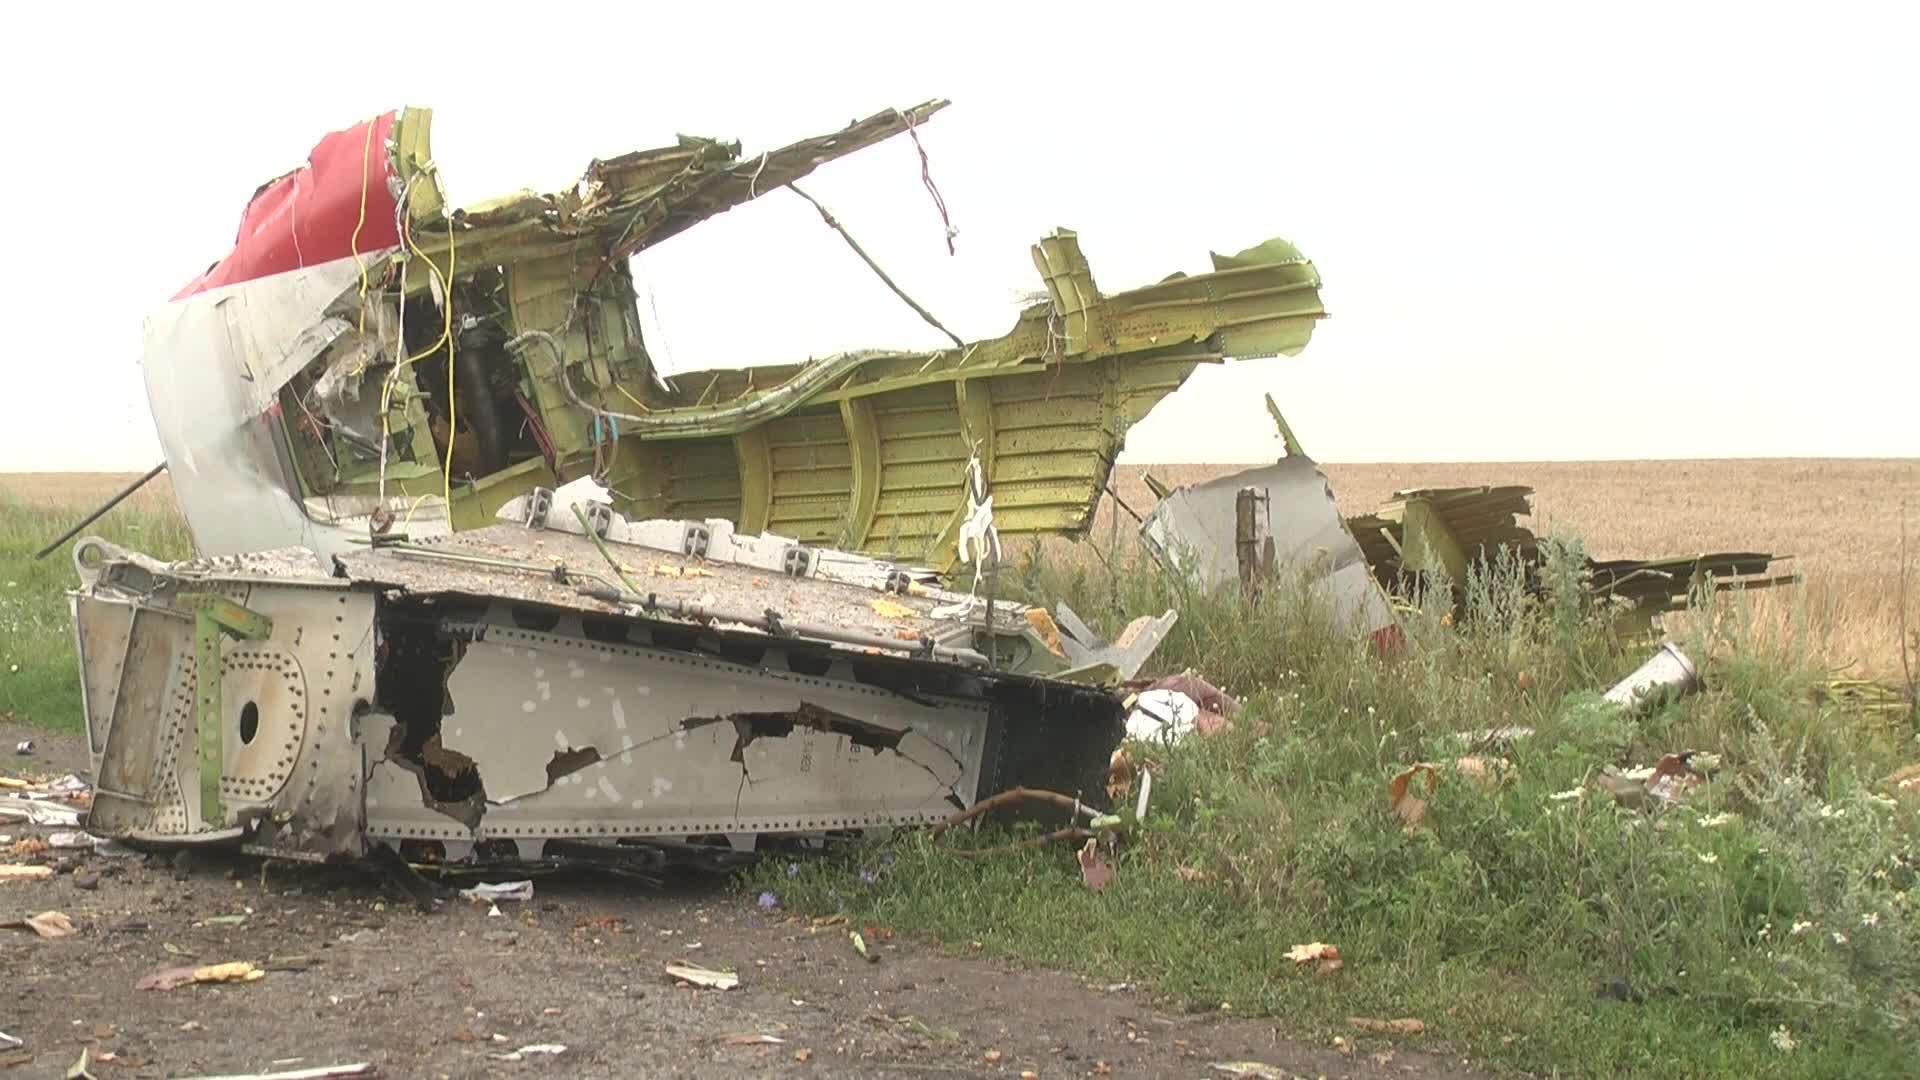 Bodies Rained Down On Ukraine Village After Plane Was Shot